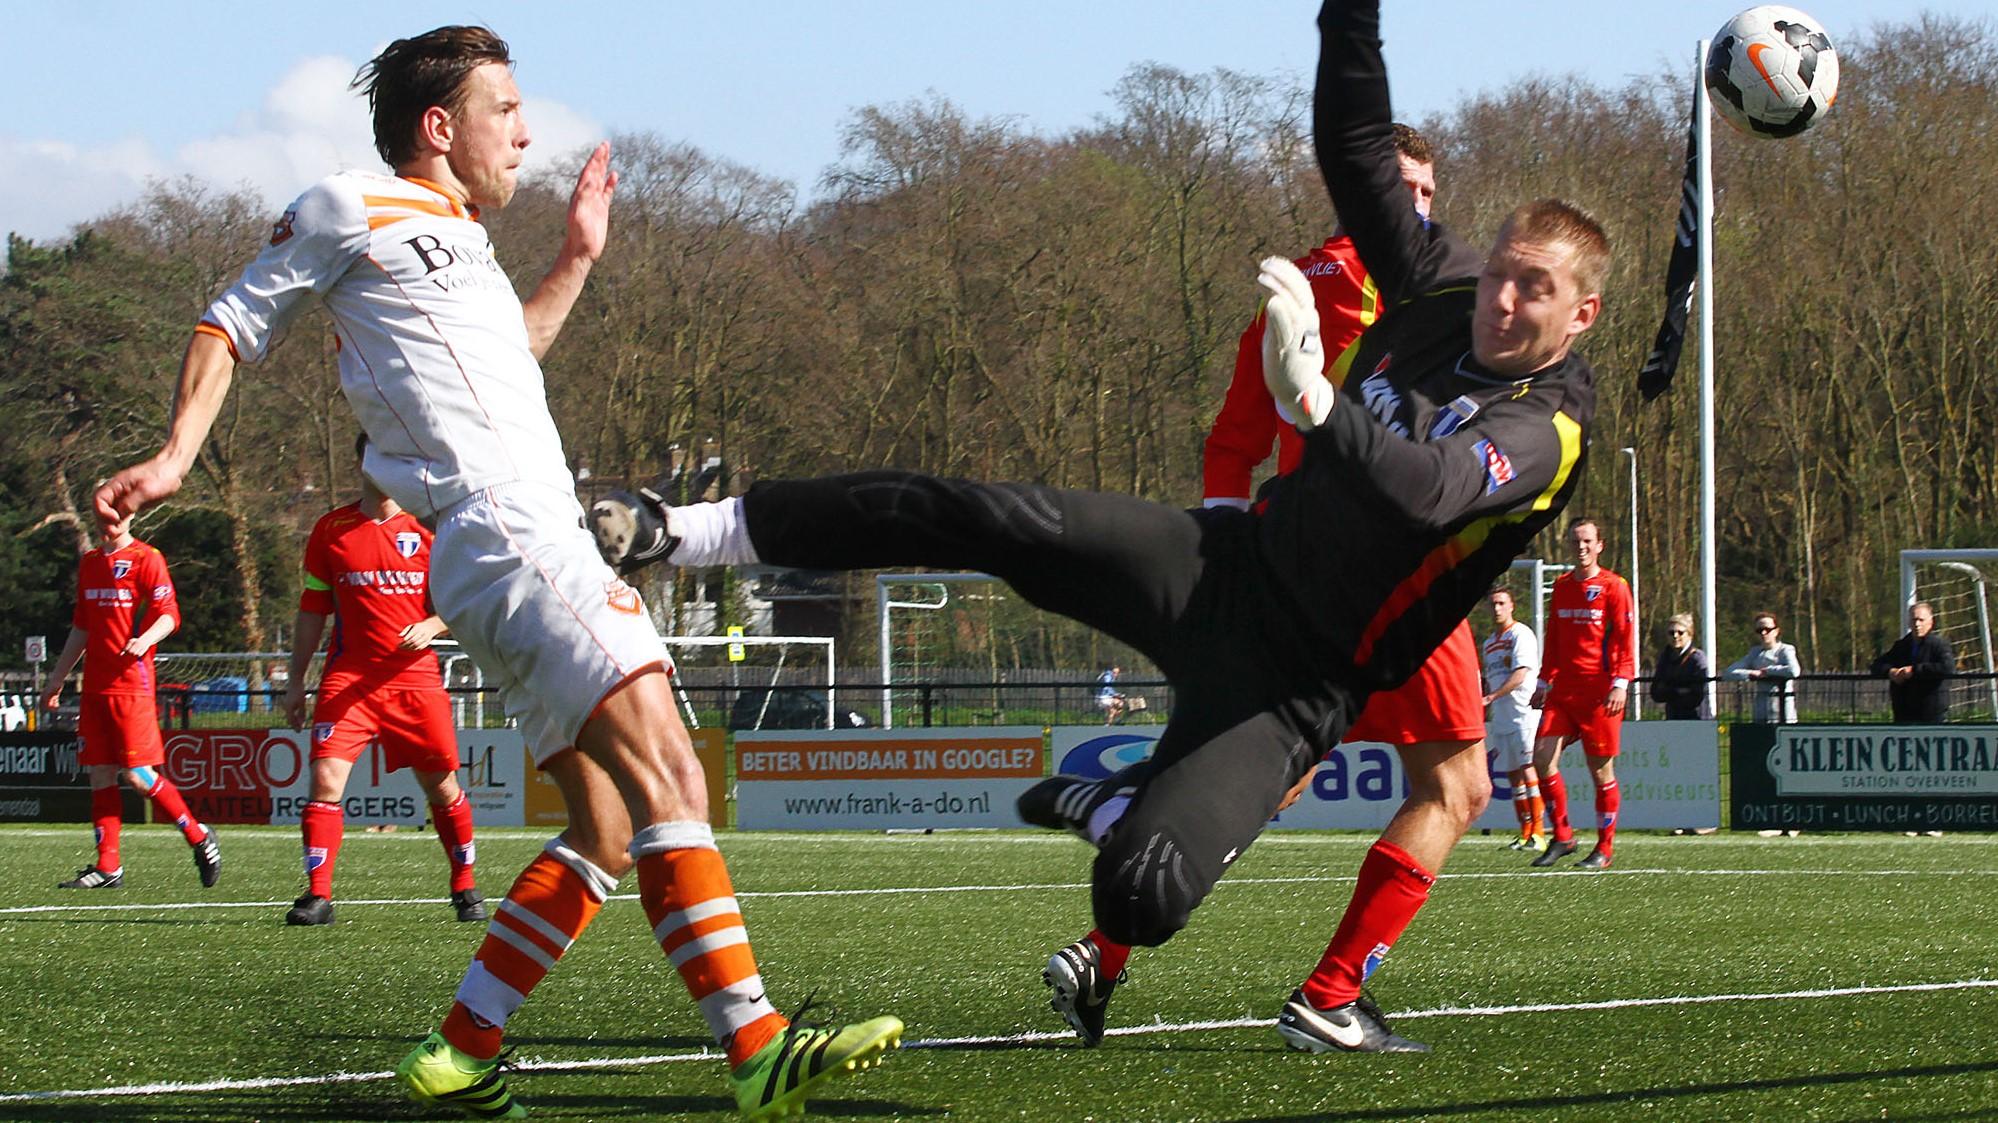 Bloemendaal - Weesp - Voetbal in Haarlem